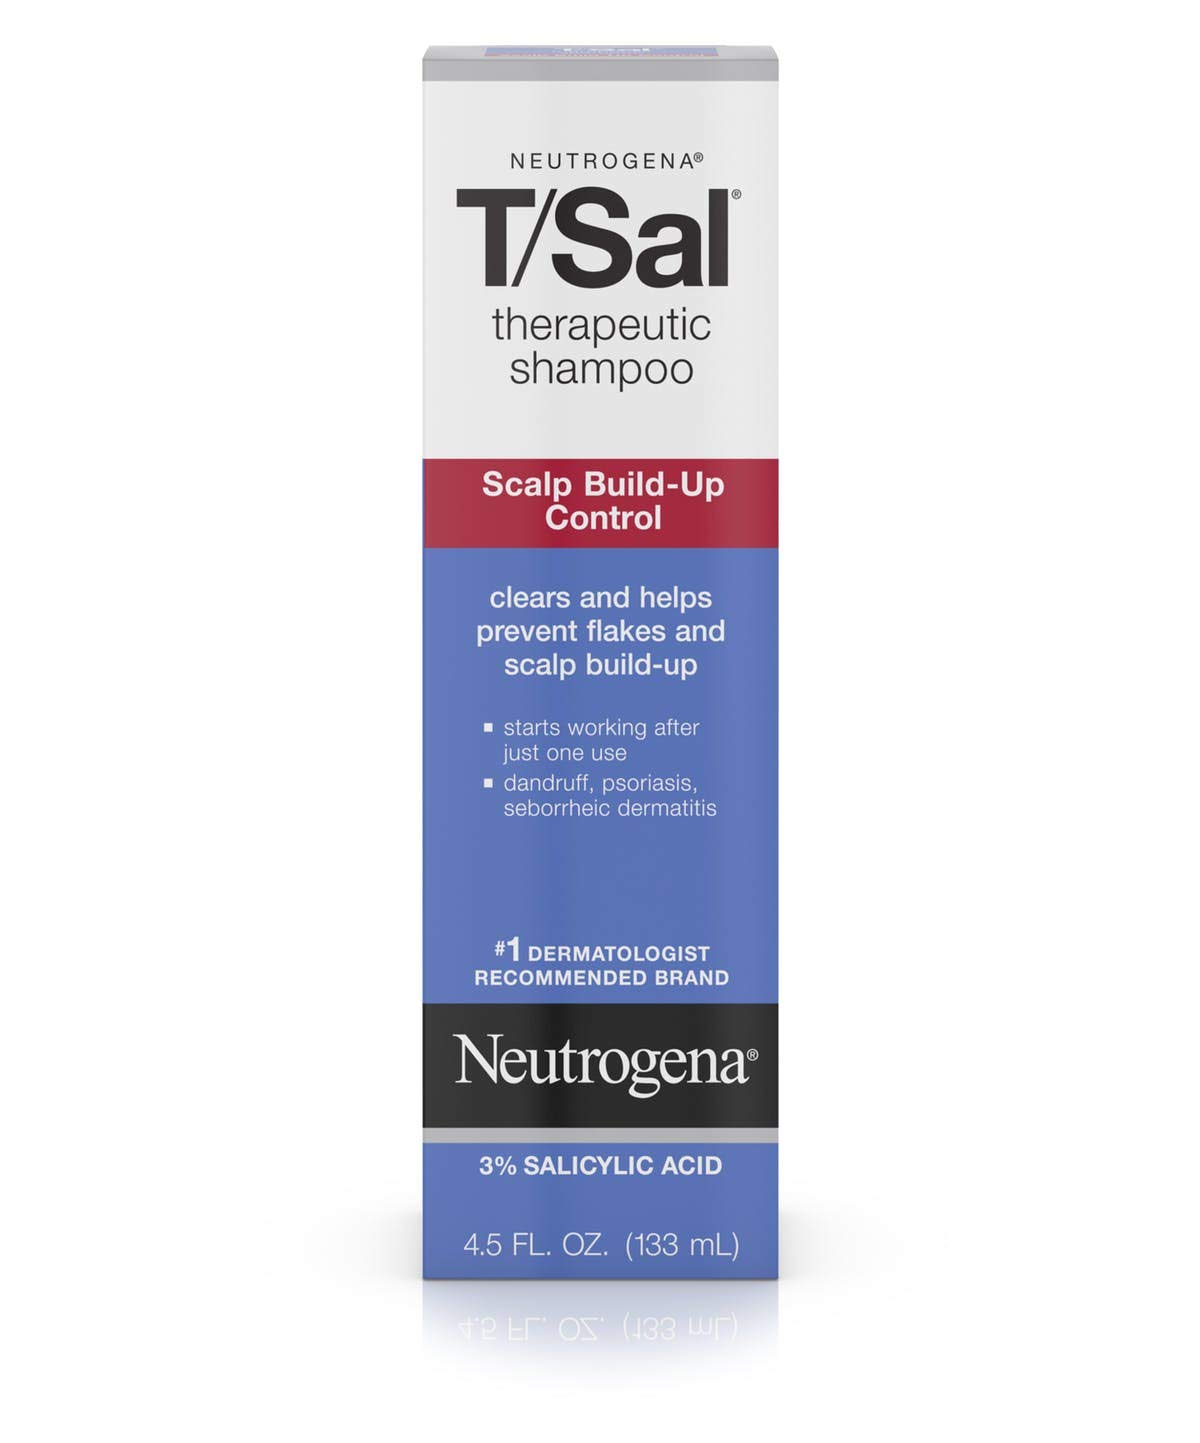 Neutrogena T/Sal Shampoo, 4.5 Ounces